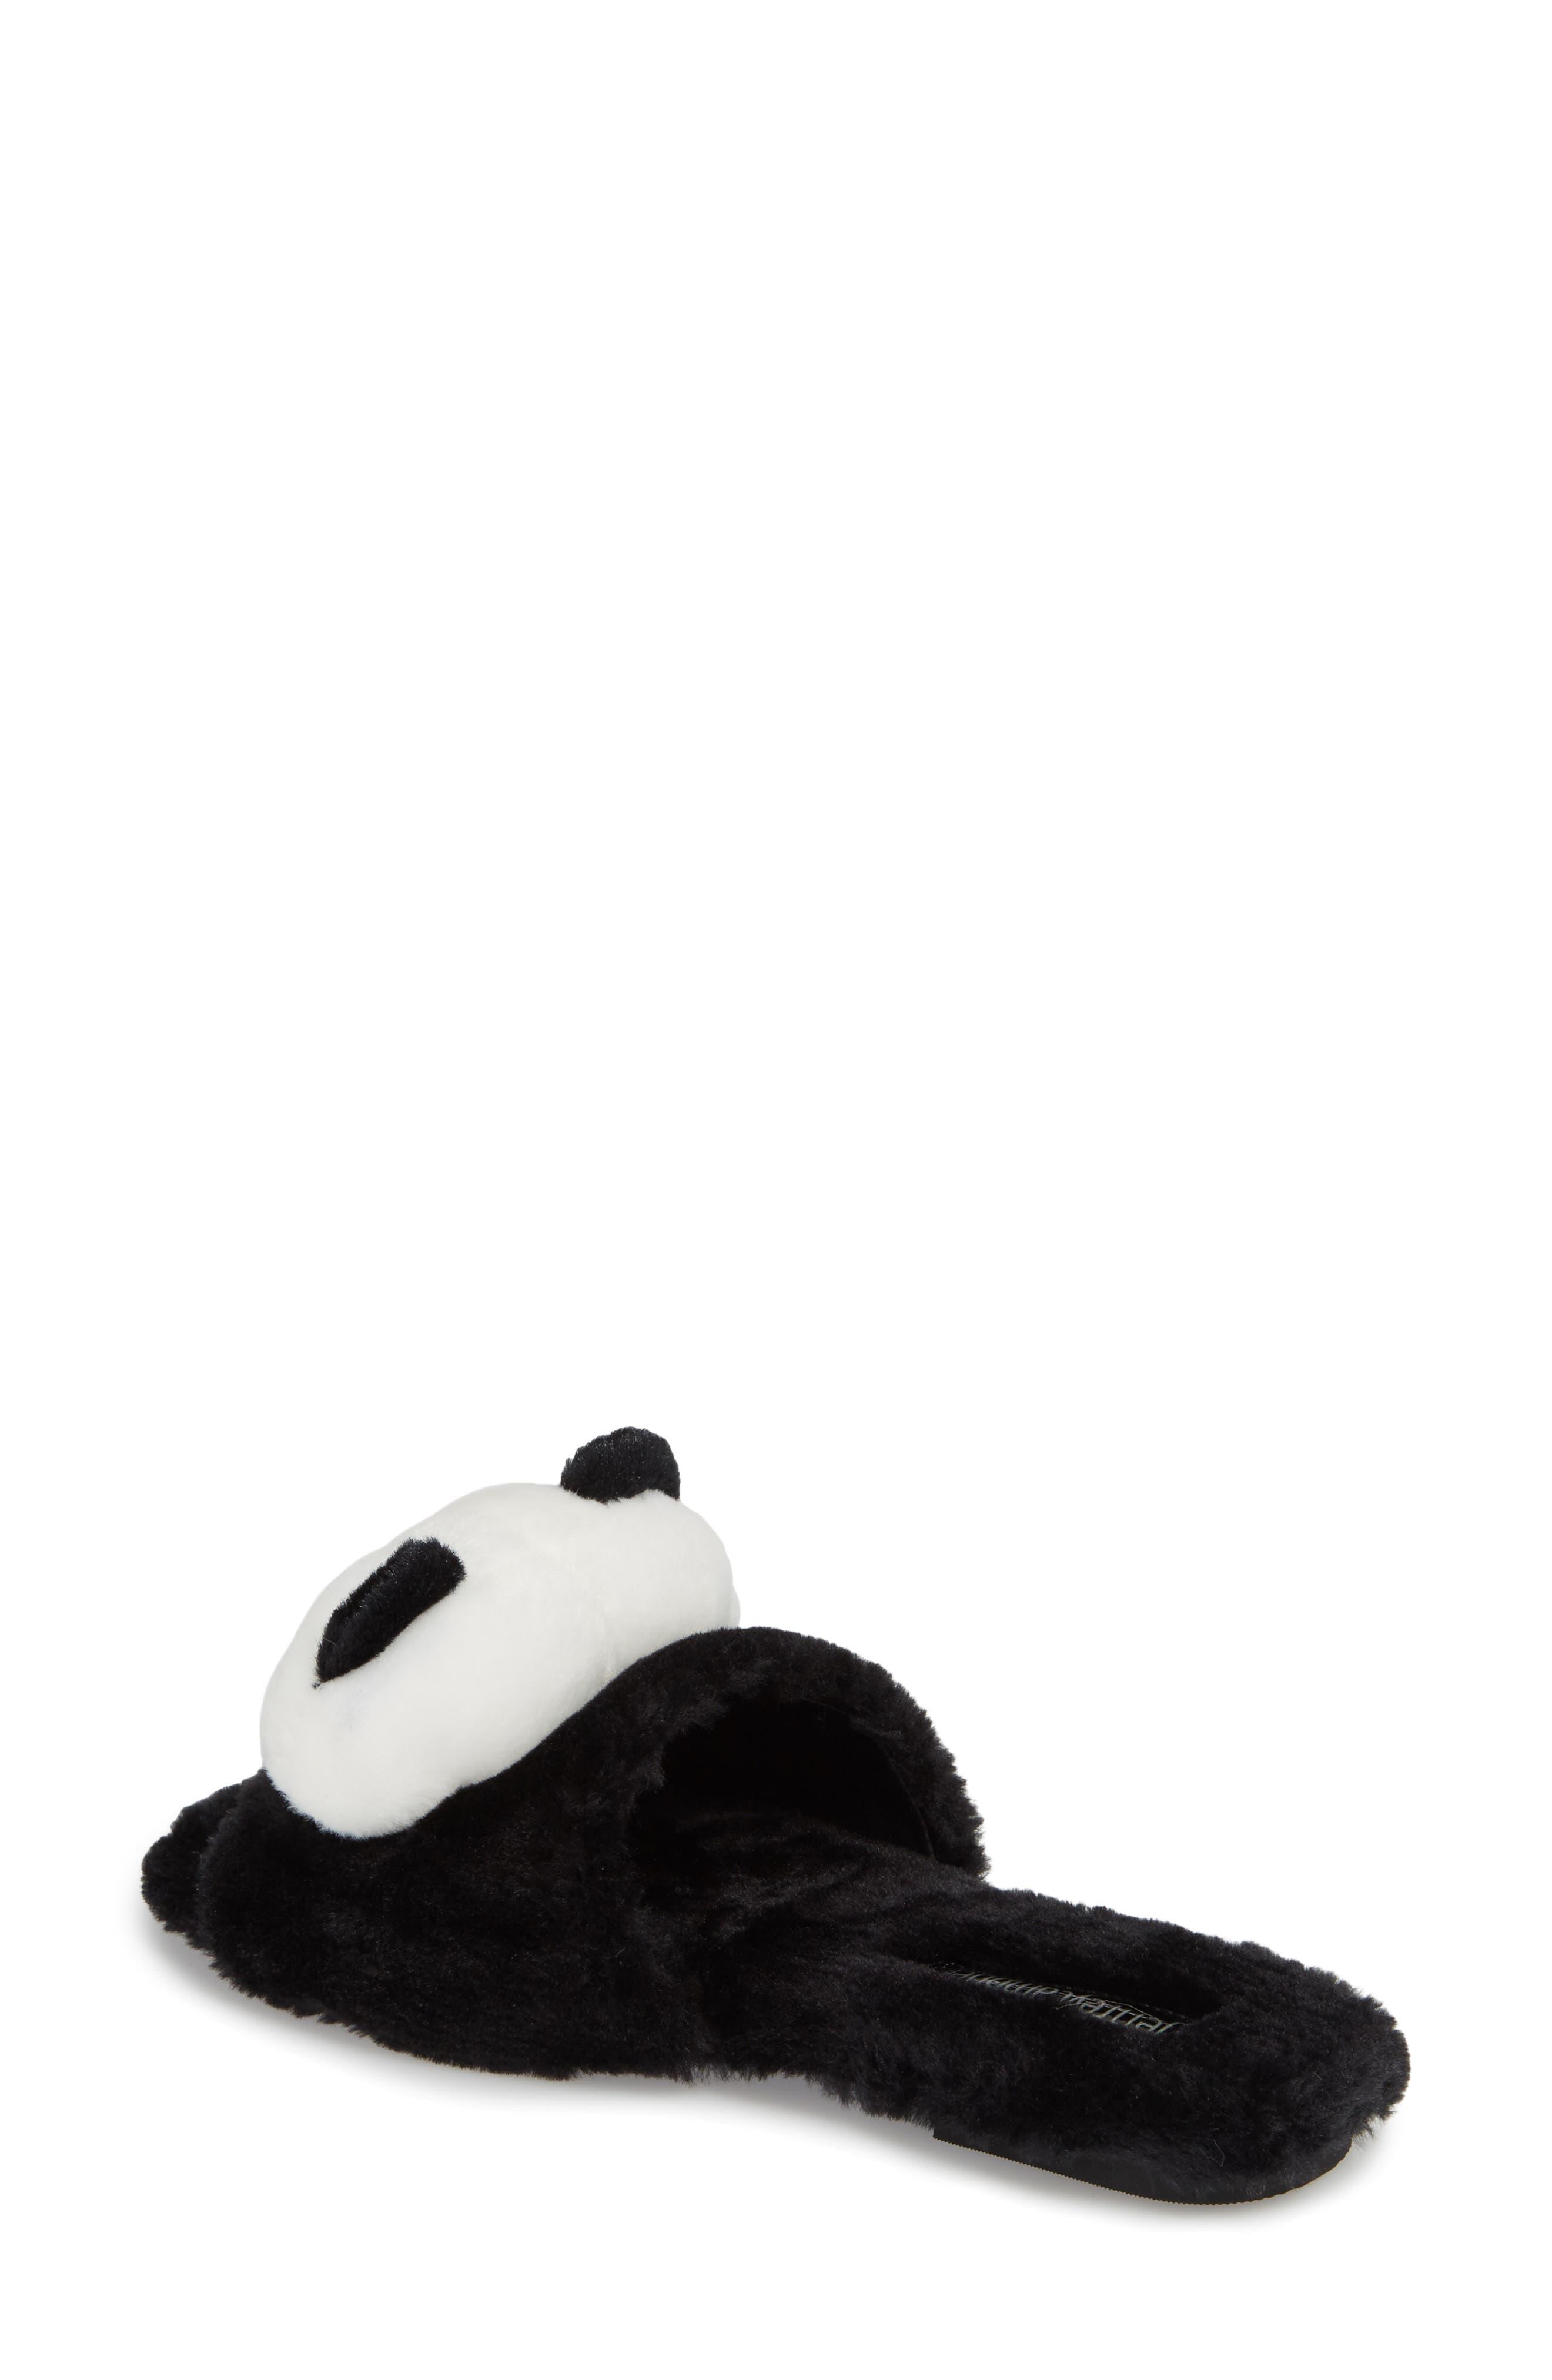 Plush Animal Slipper,                             Alternate thumbnail 2, color,                             Black Faux Fur